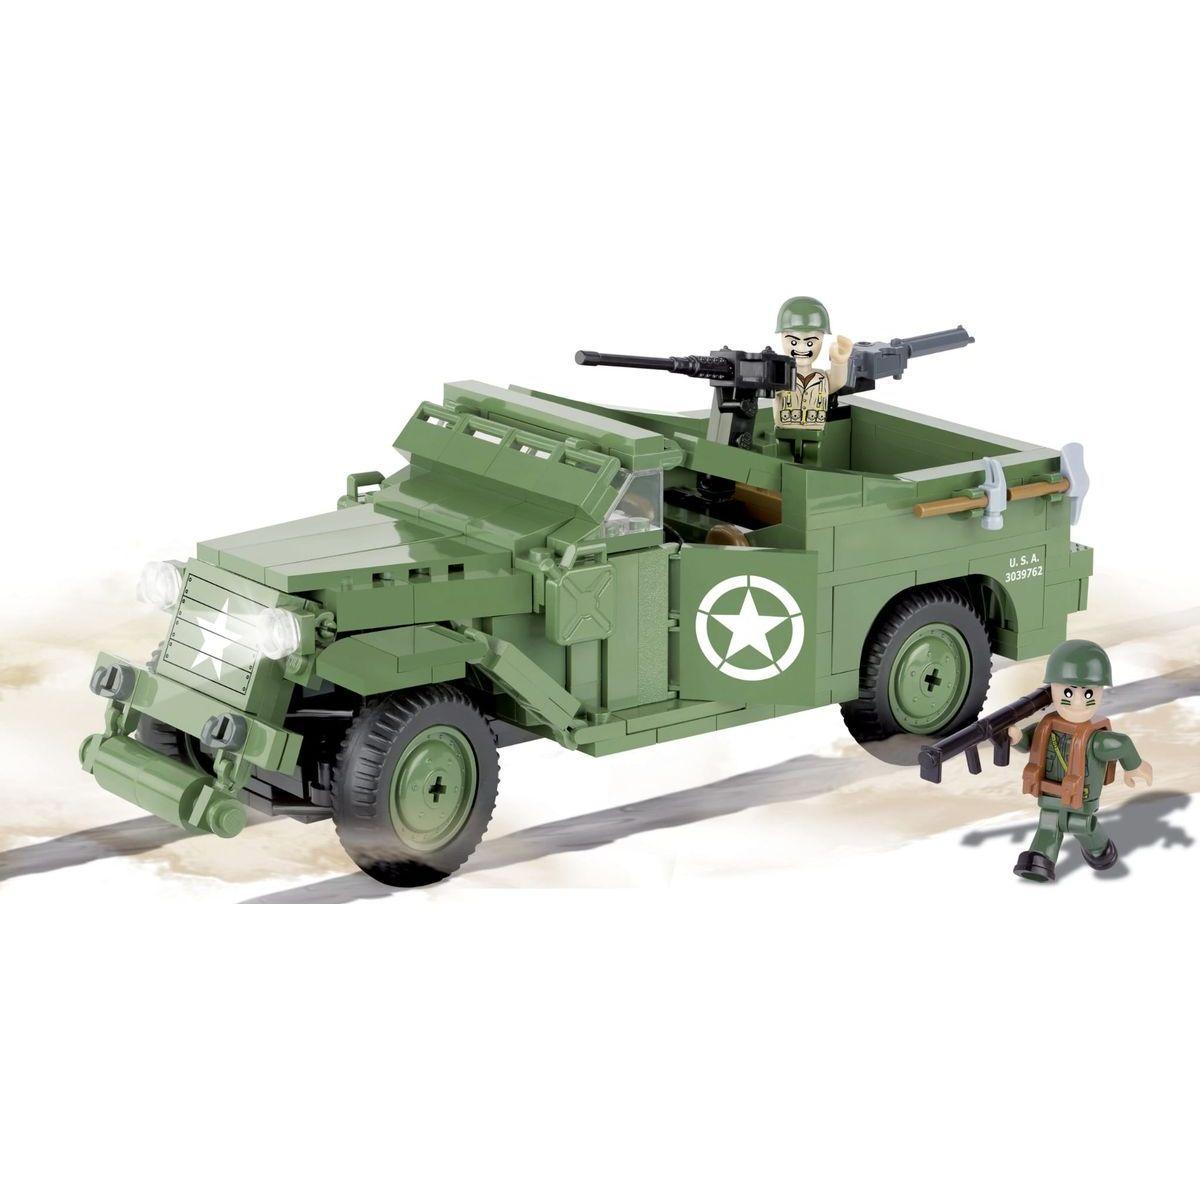 Cobi 2368 SMALL ARMY II WW M3 Scout Car